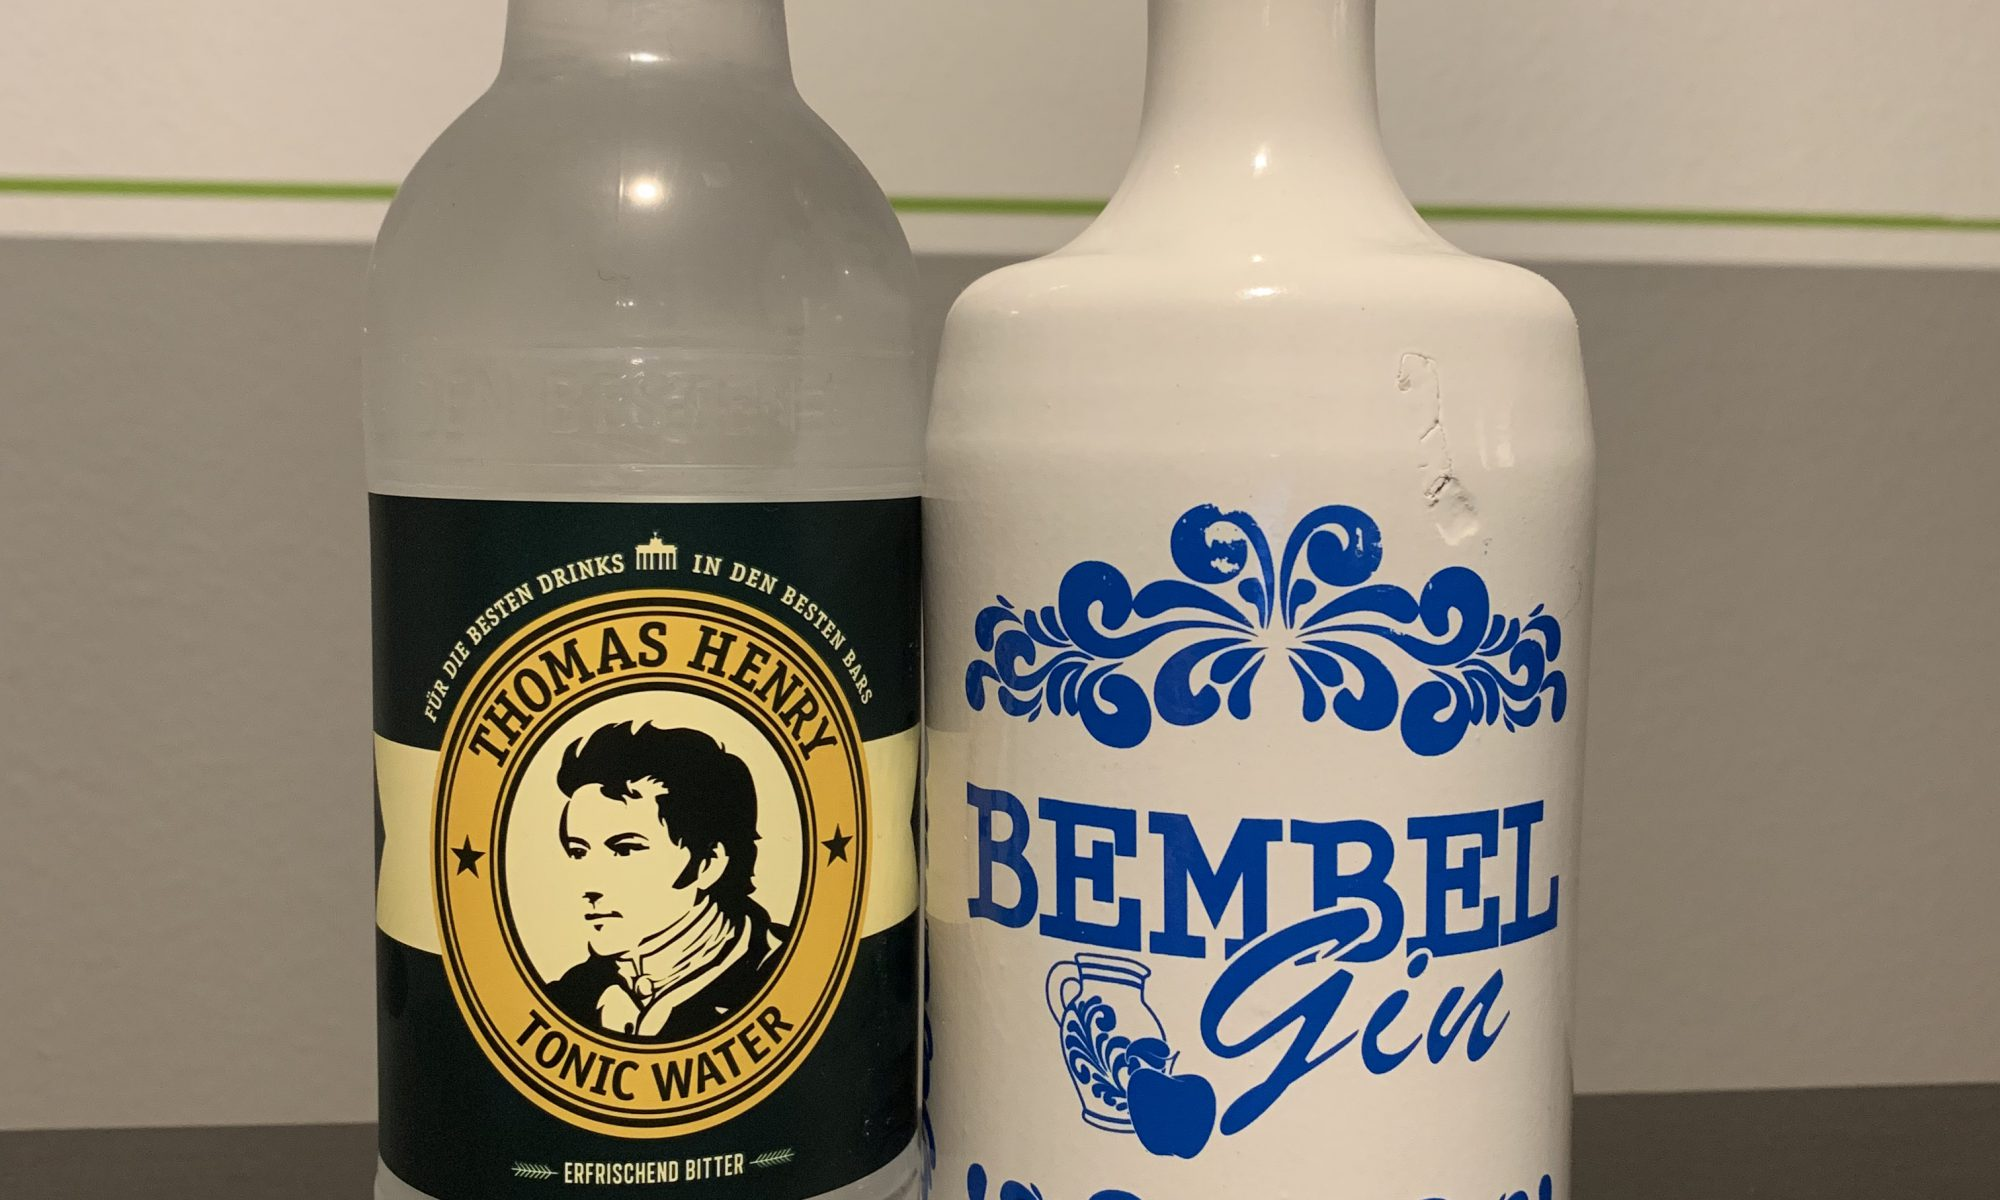 Bembel GIn und Thomas Henry Tonic Water